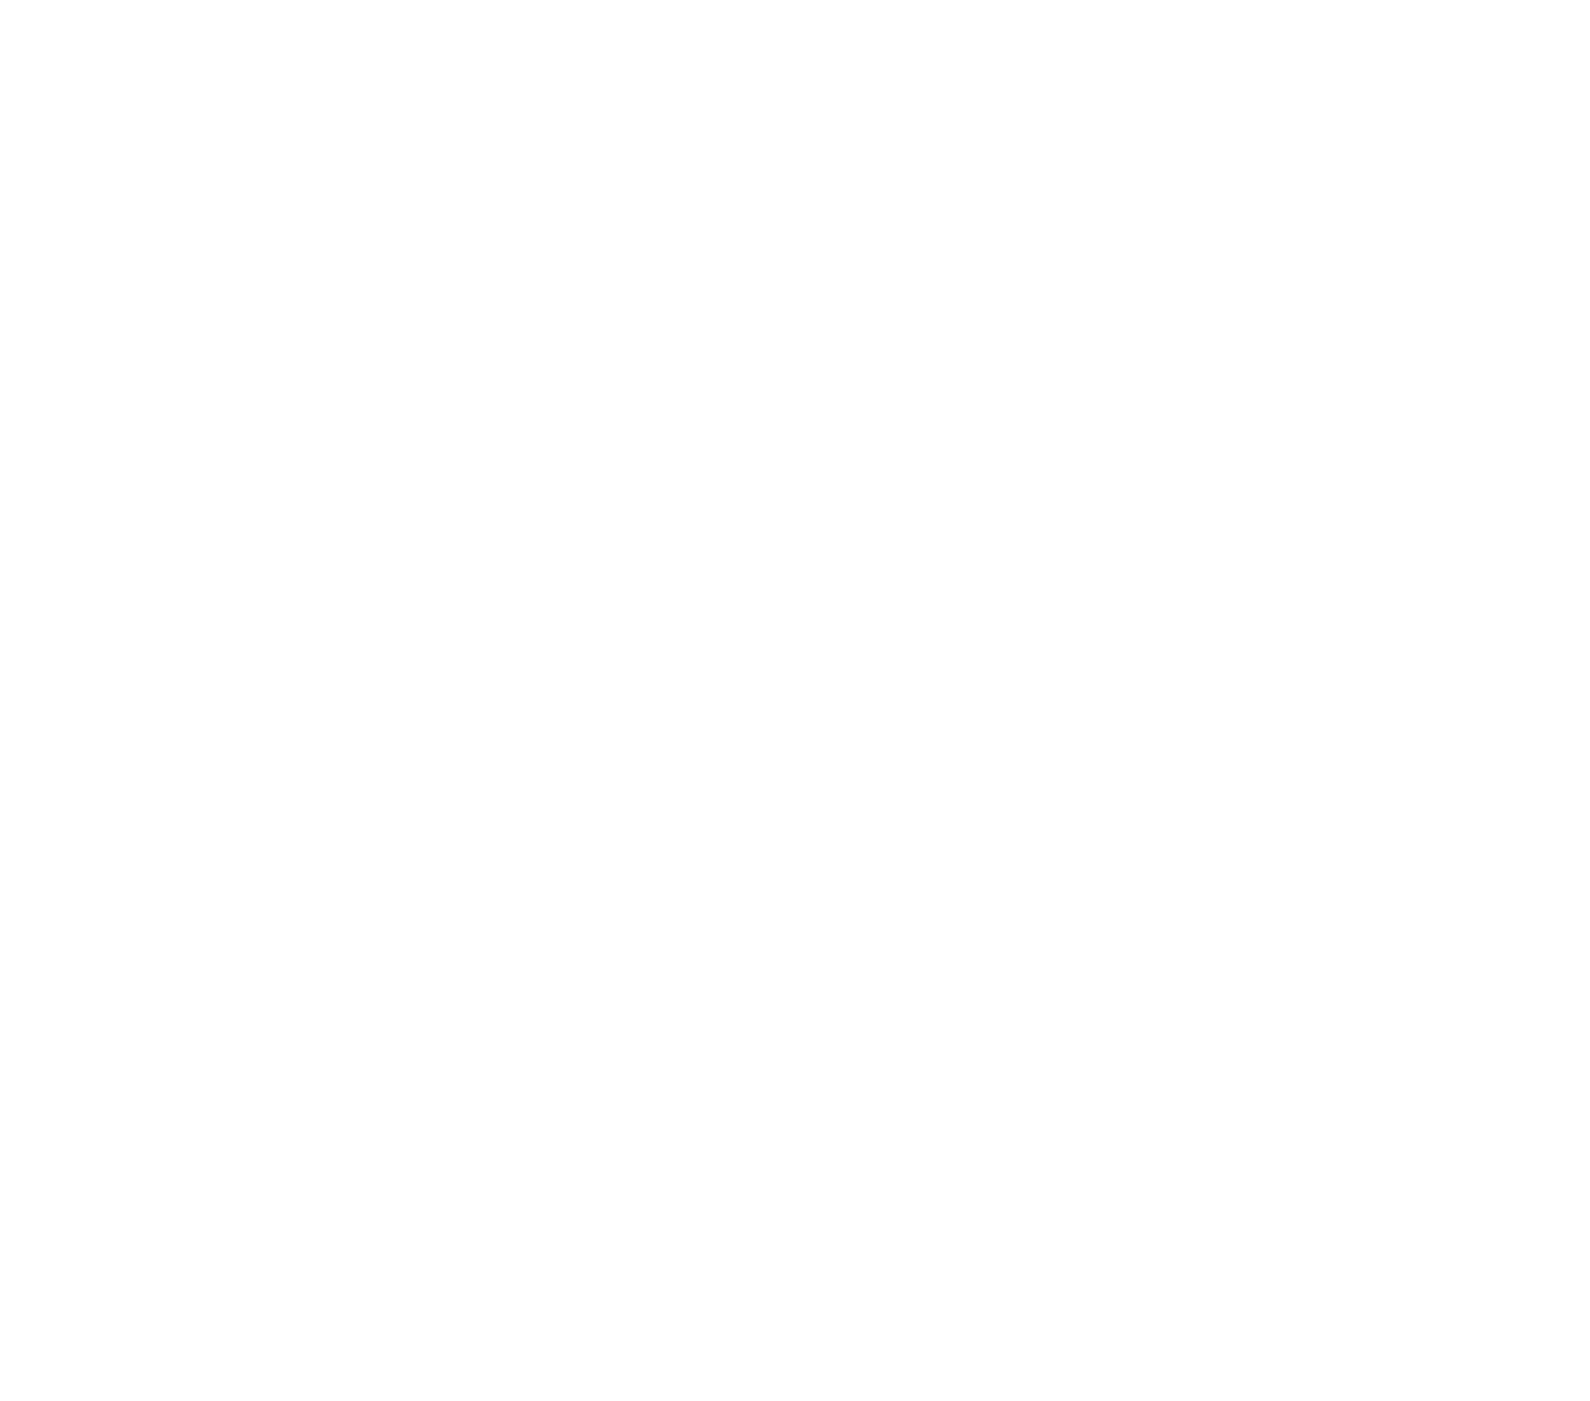 Corporate Plus NMSDC Plus Member